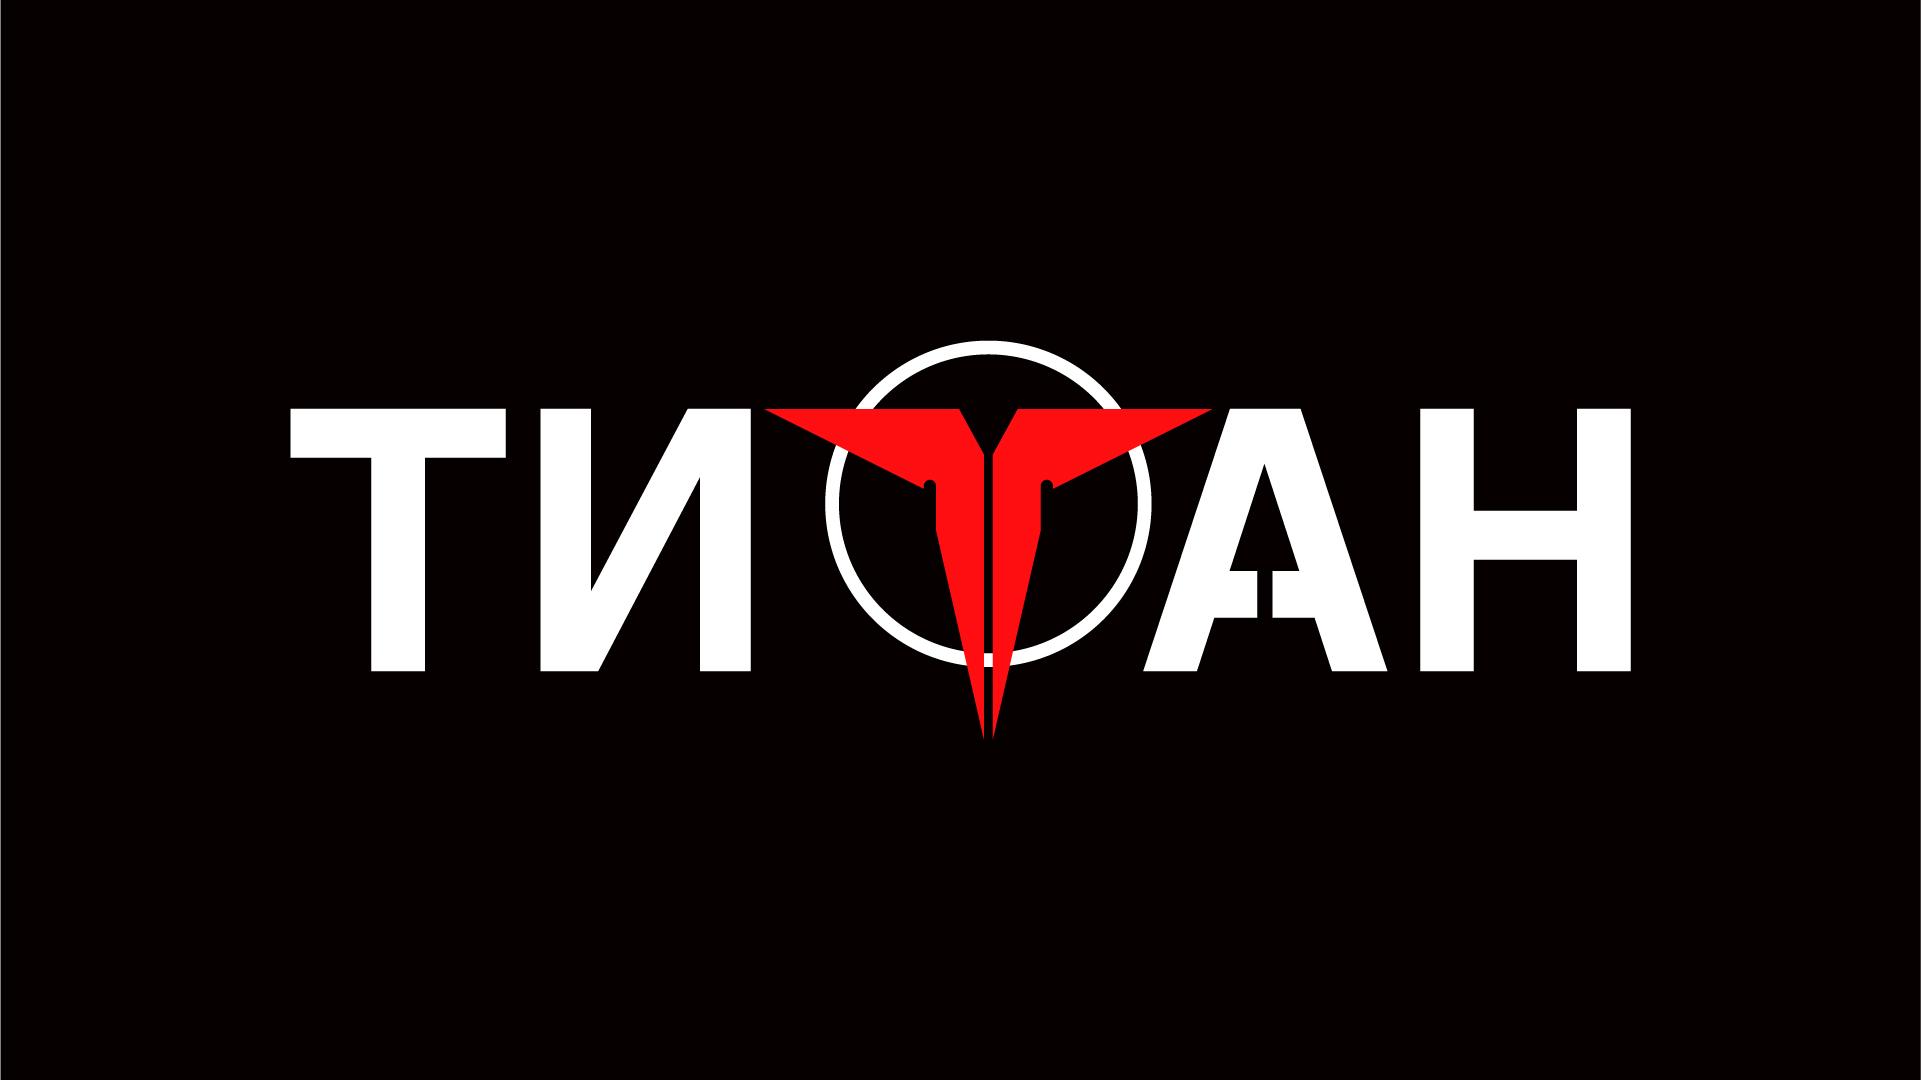 Разработка логотипа (срочно) фото f_5285d4a7d1d7f554.jpg